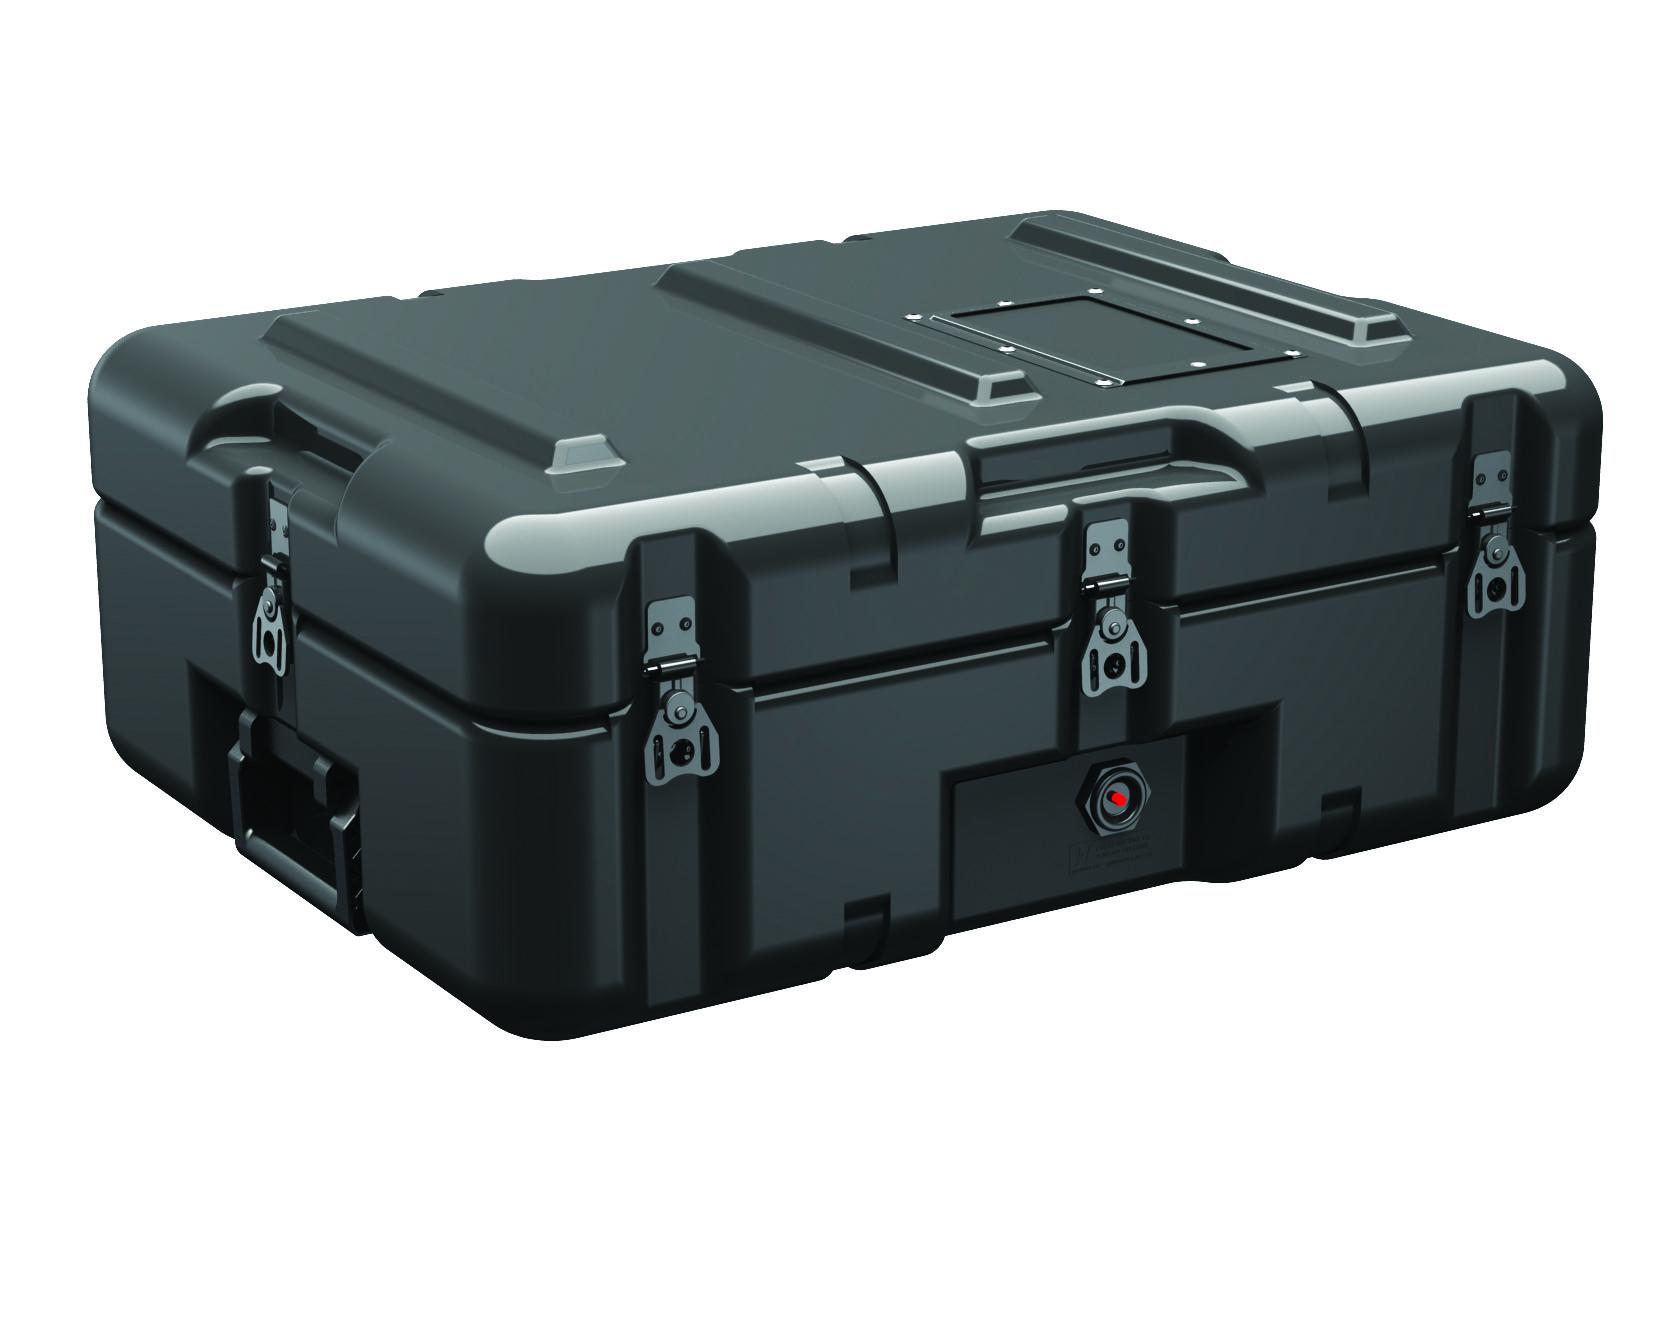 AL2216-0503 - AL2216-0503 Hardigg Case Protective Case